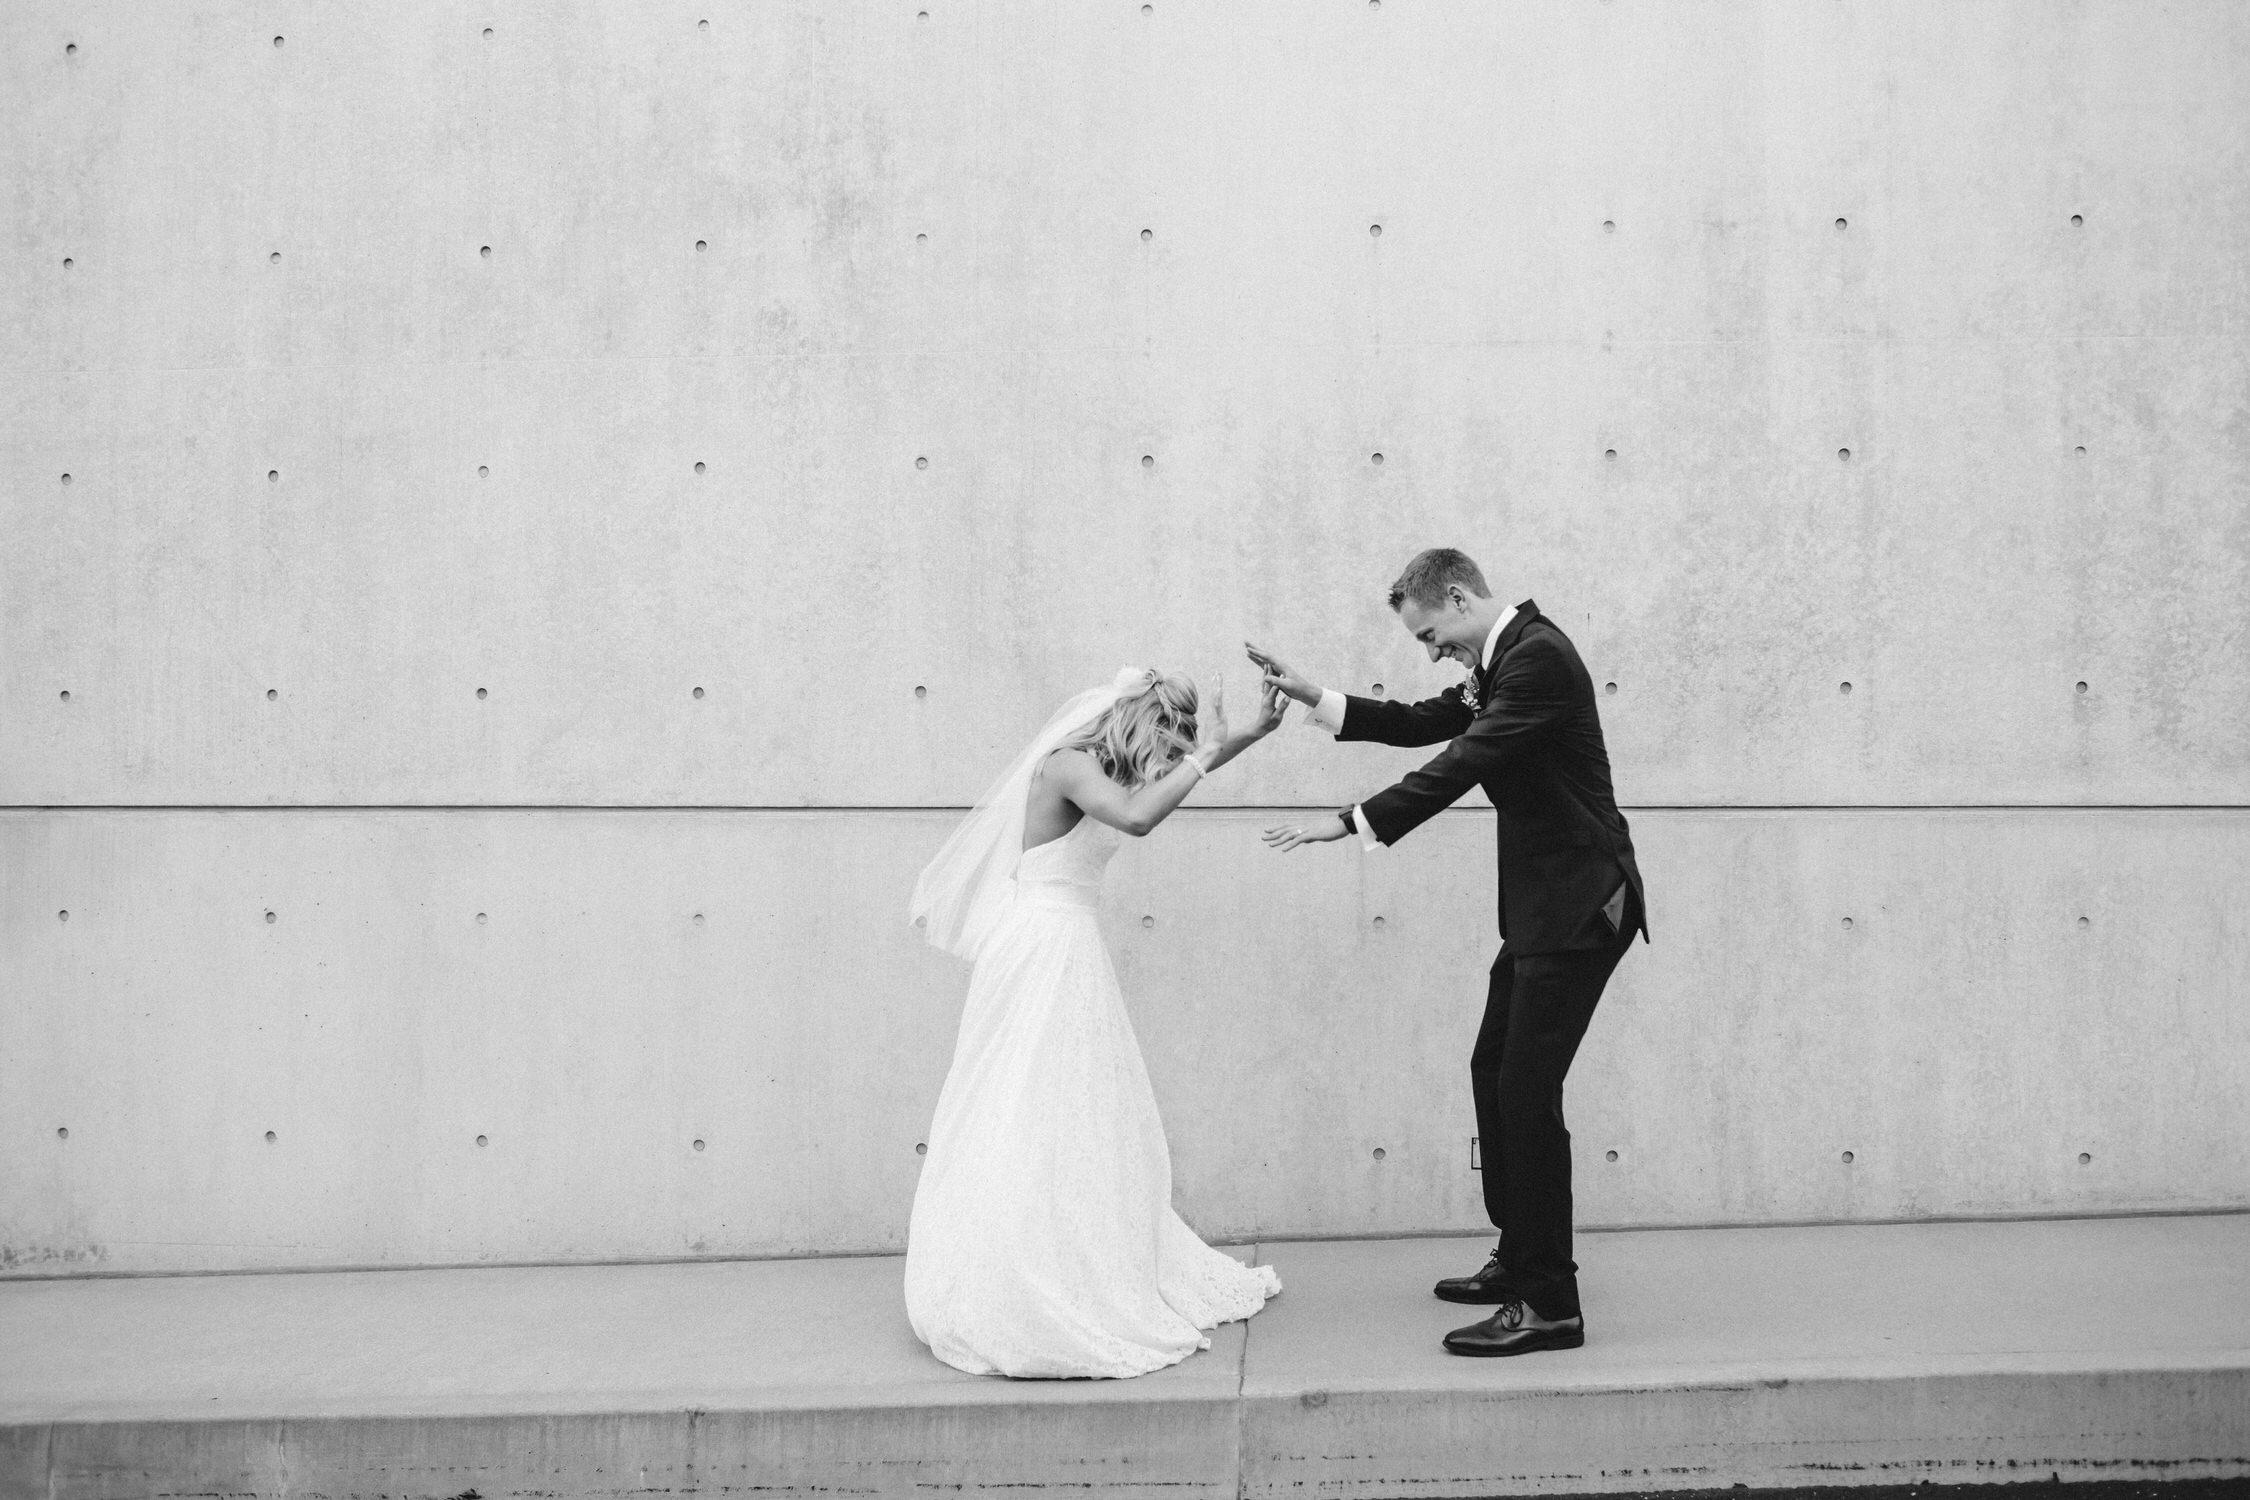 Dancing bride and groom, modern st louis wedding